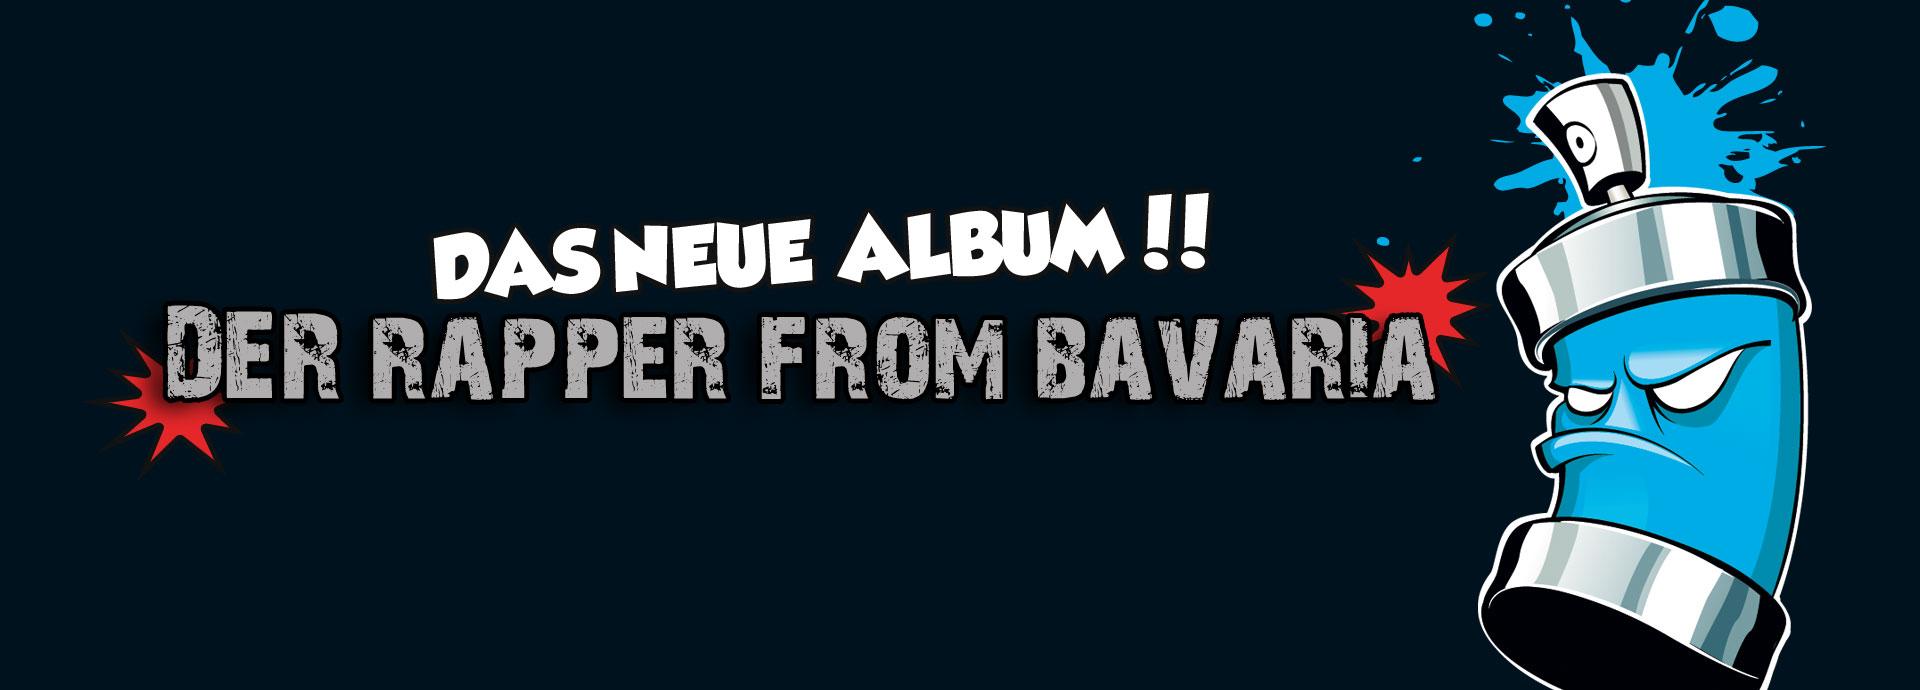 Slider-CD-Album-Der-Rapper-from-Bavaria